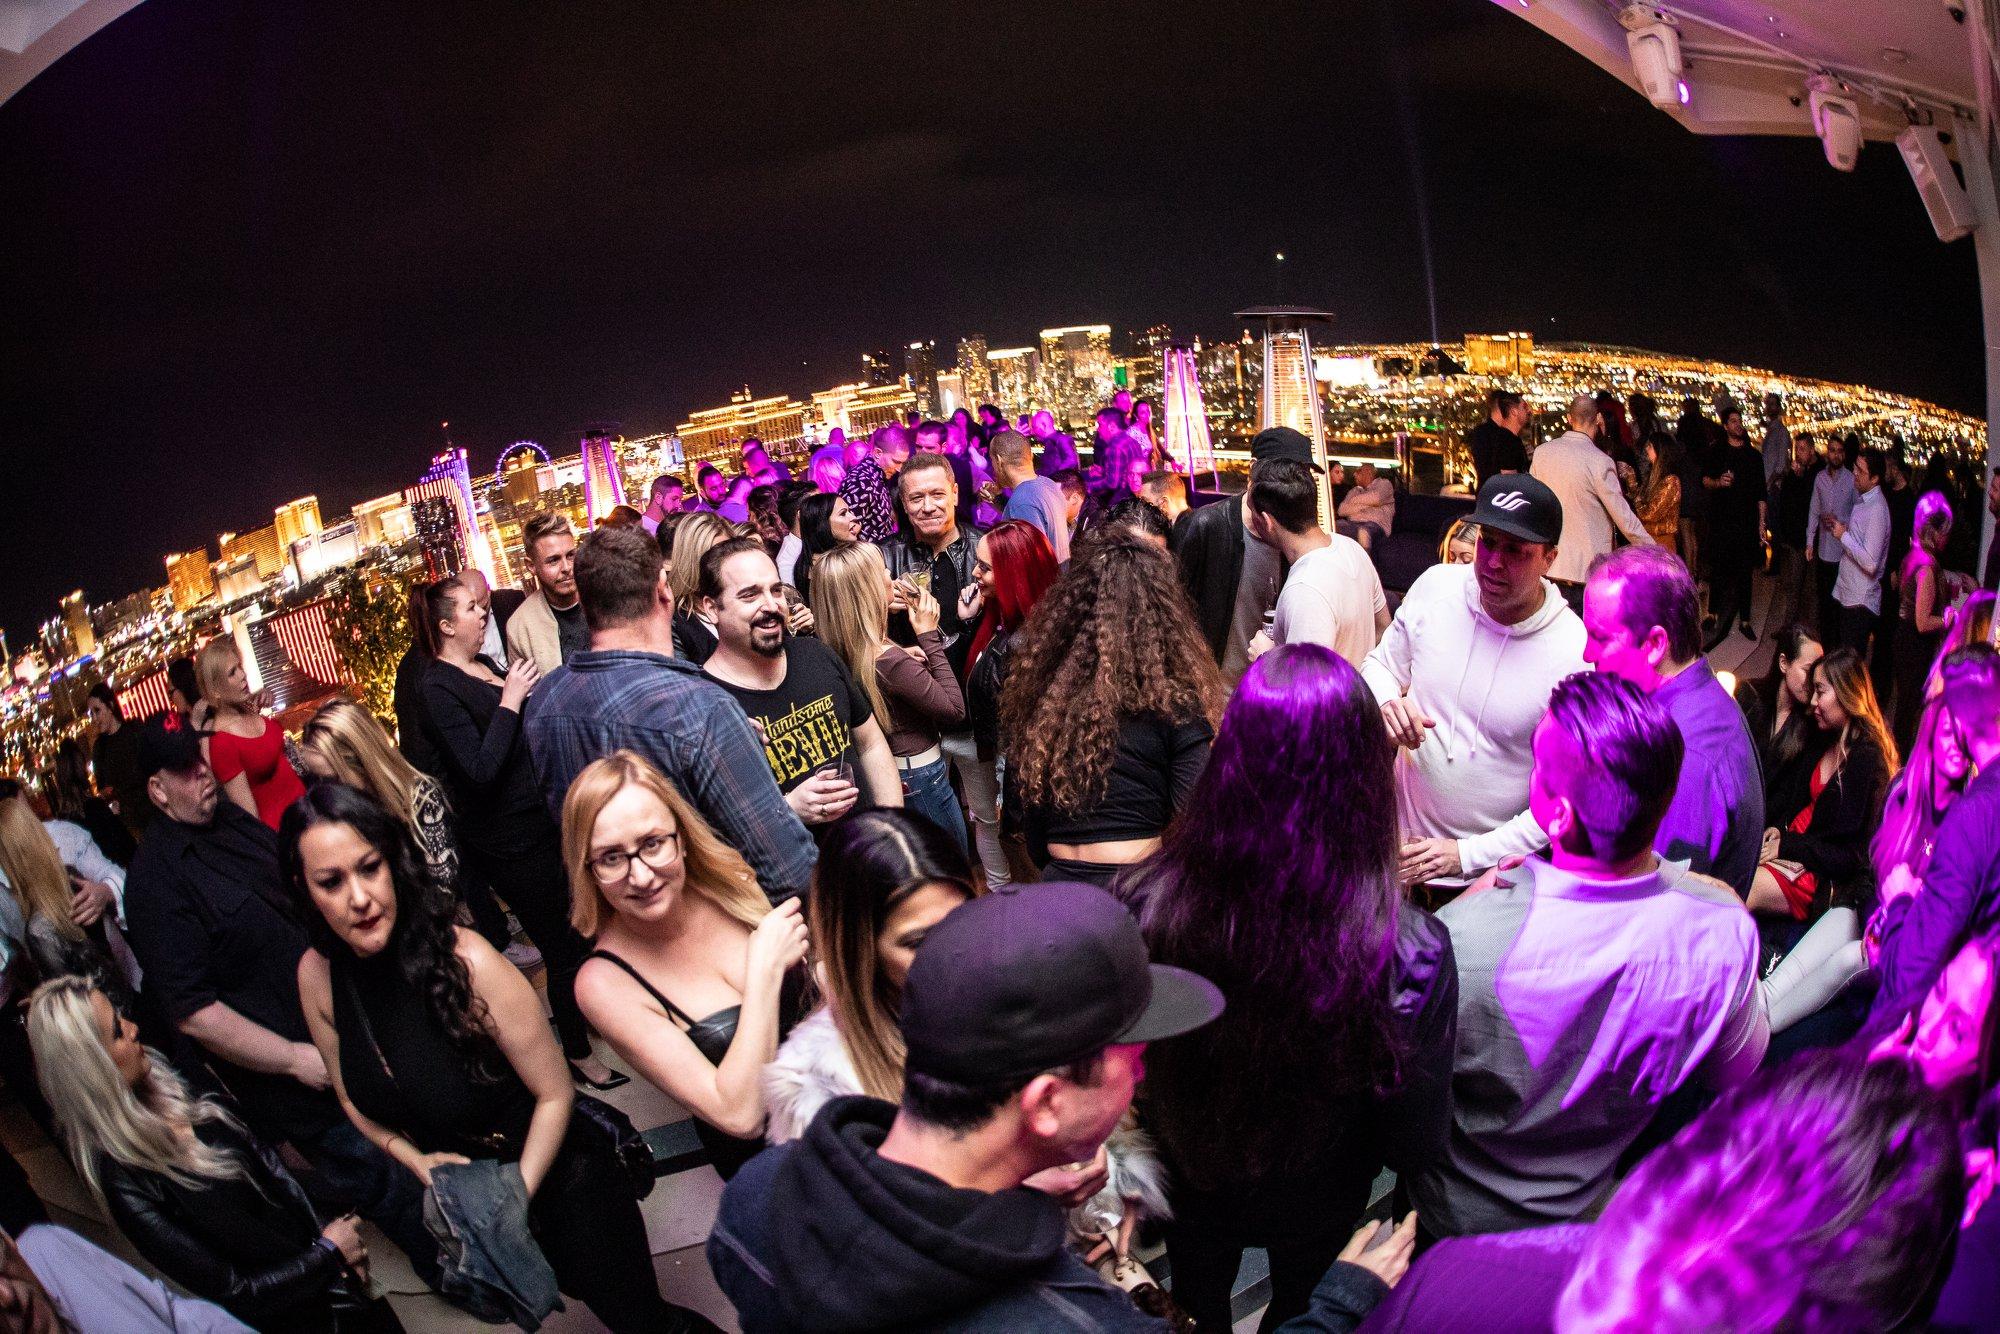 las vegas nightclub apex social club